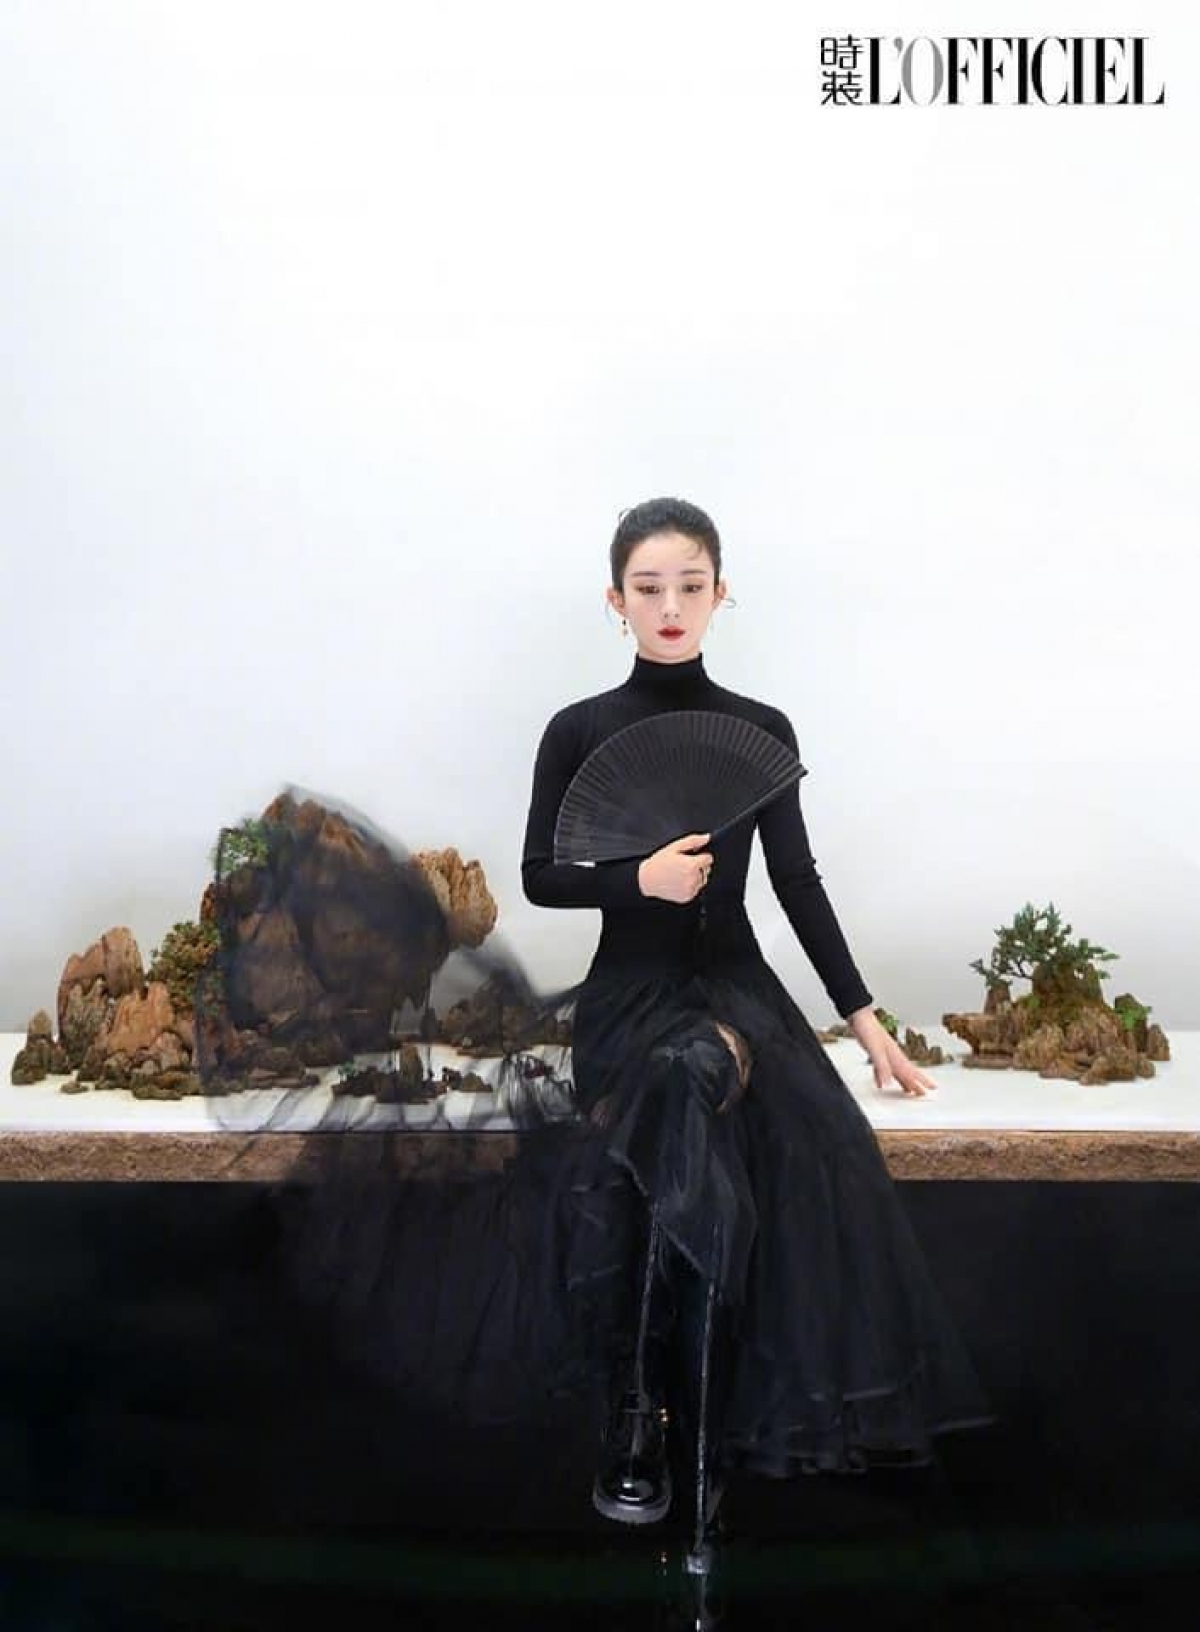 Ồn ào duy nhất về Triệu Lệ Dĩnh là cuộc hôn nhân với nam diễn viên Phùng Thiệu Phong.